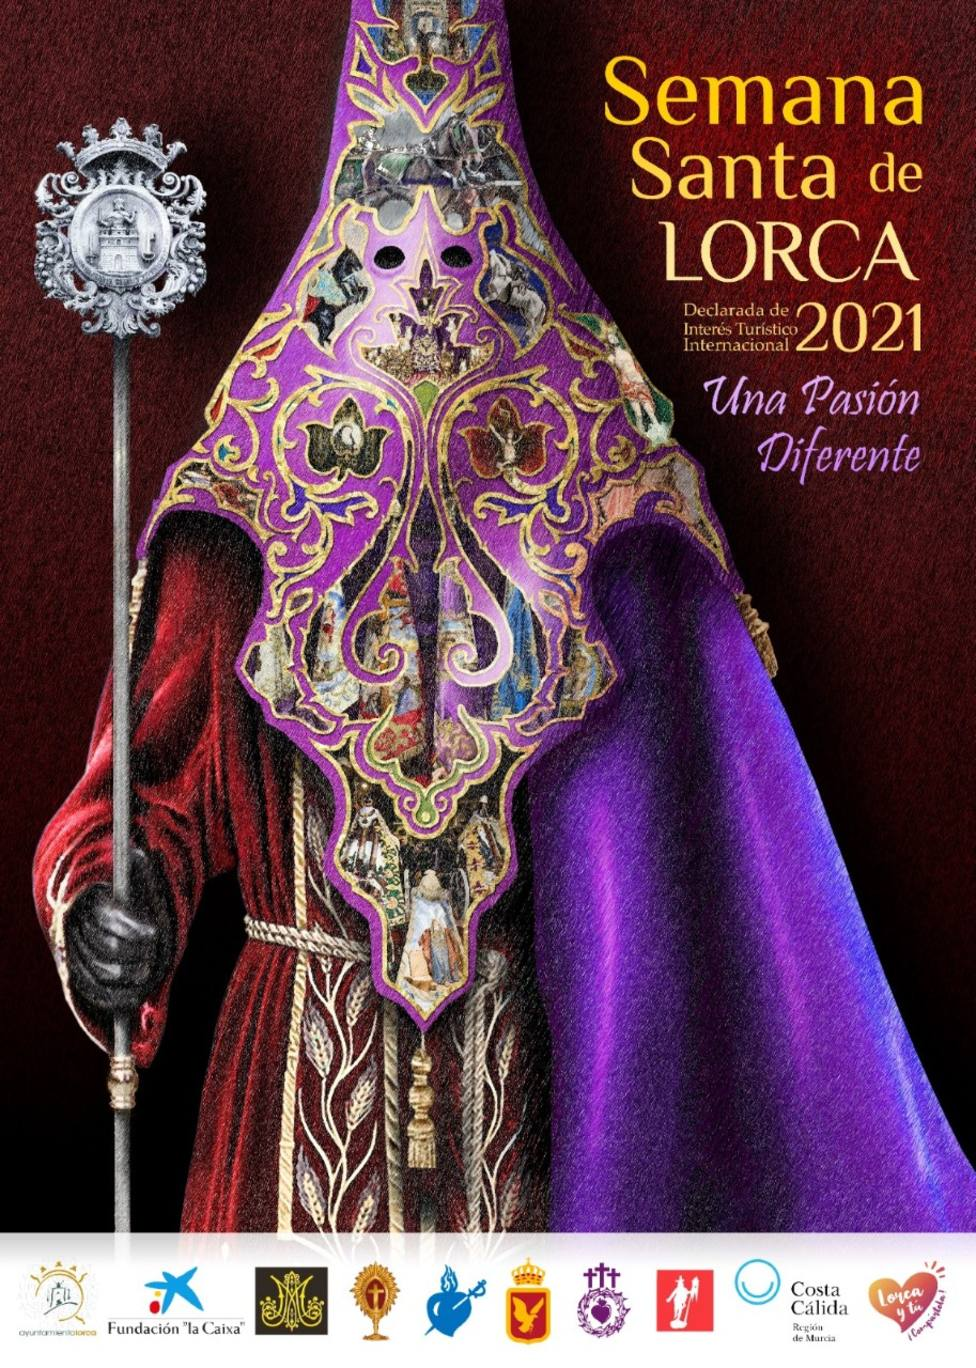 El bordado como protagonista del cartel anunciador de la Semana Santa de Lorca 2021